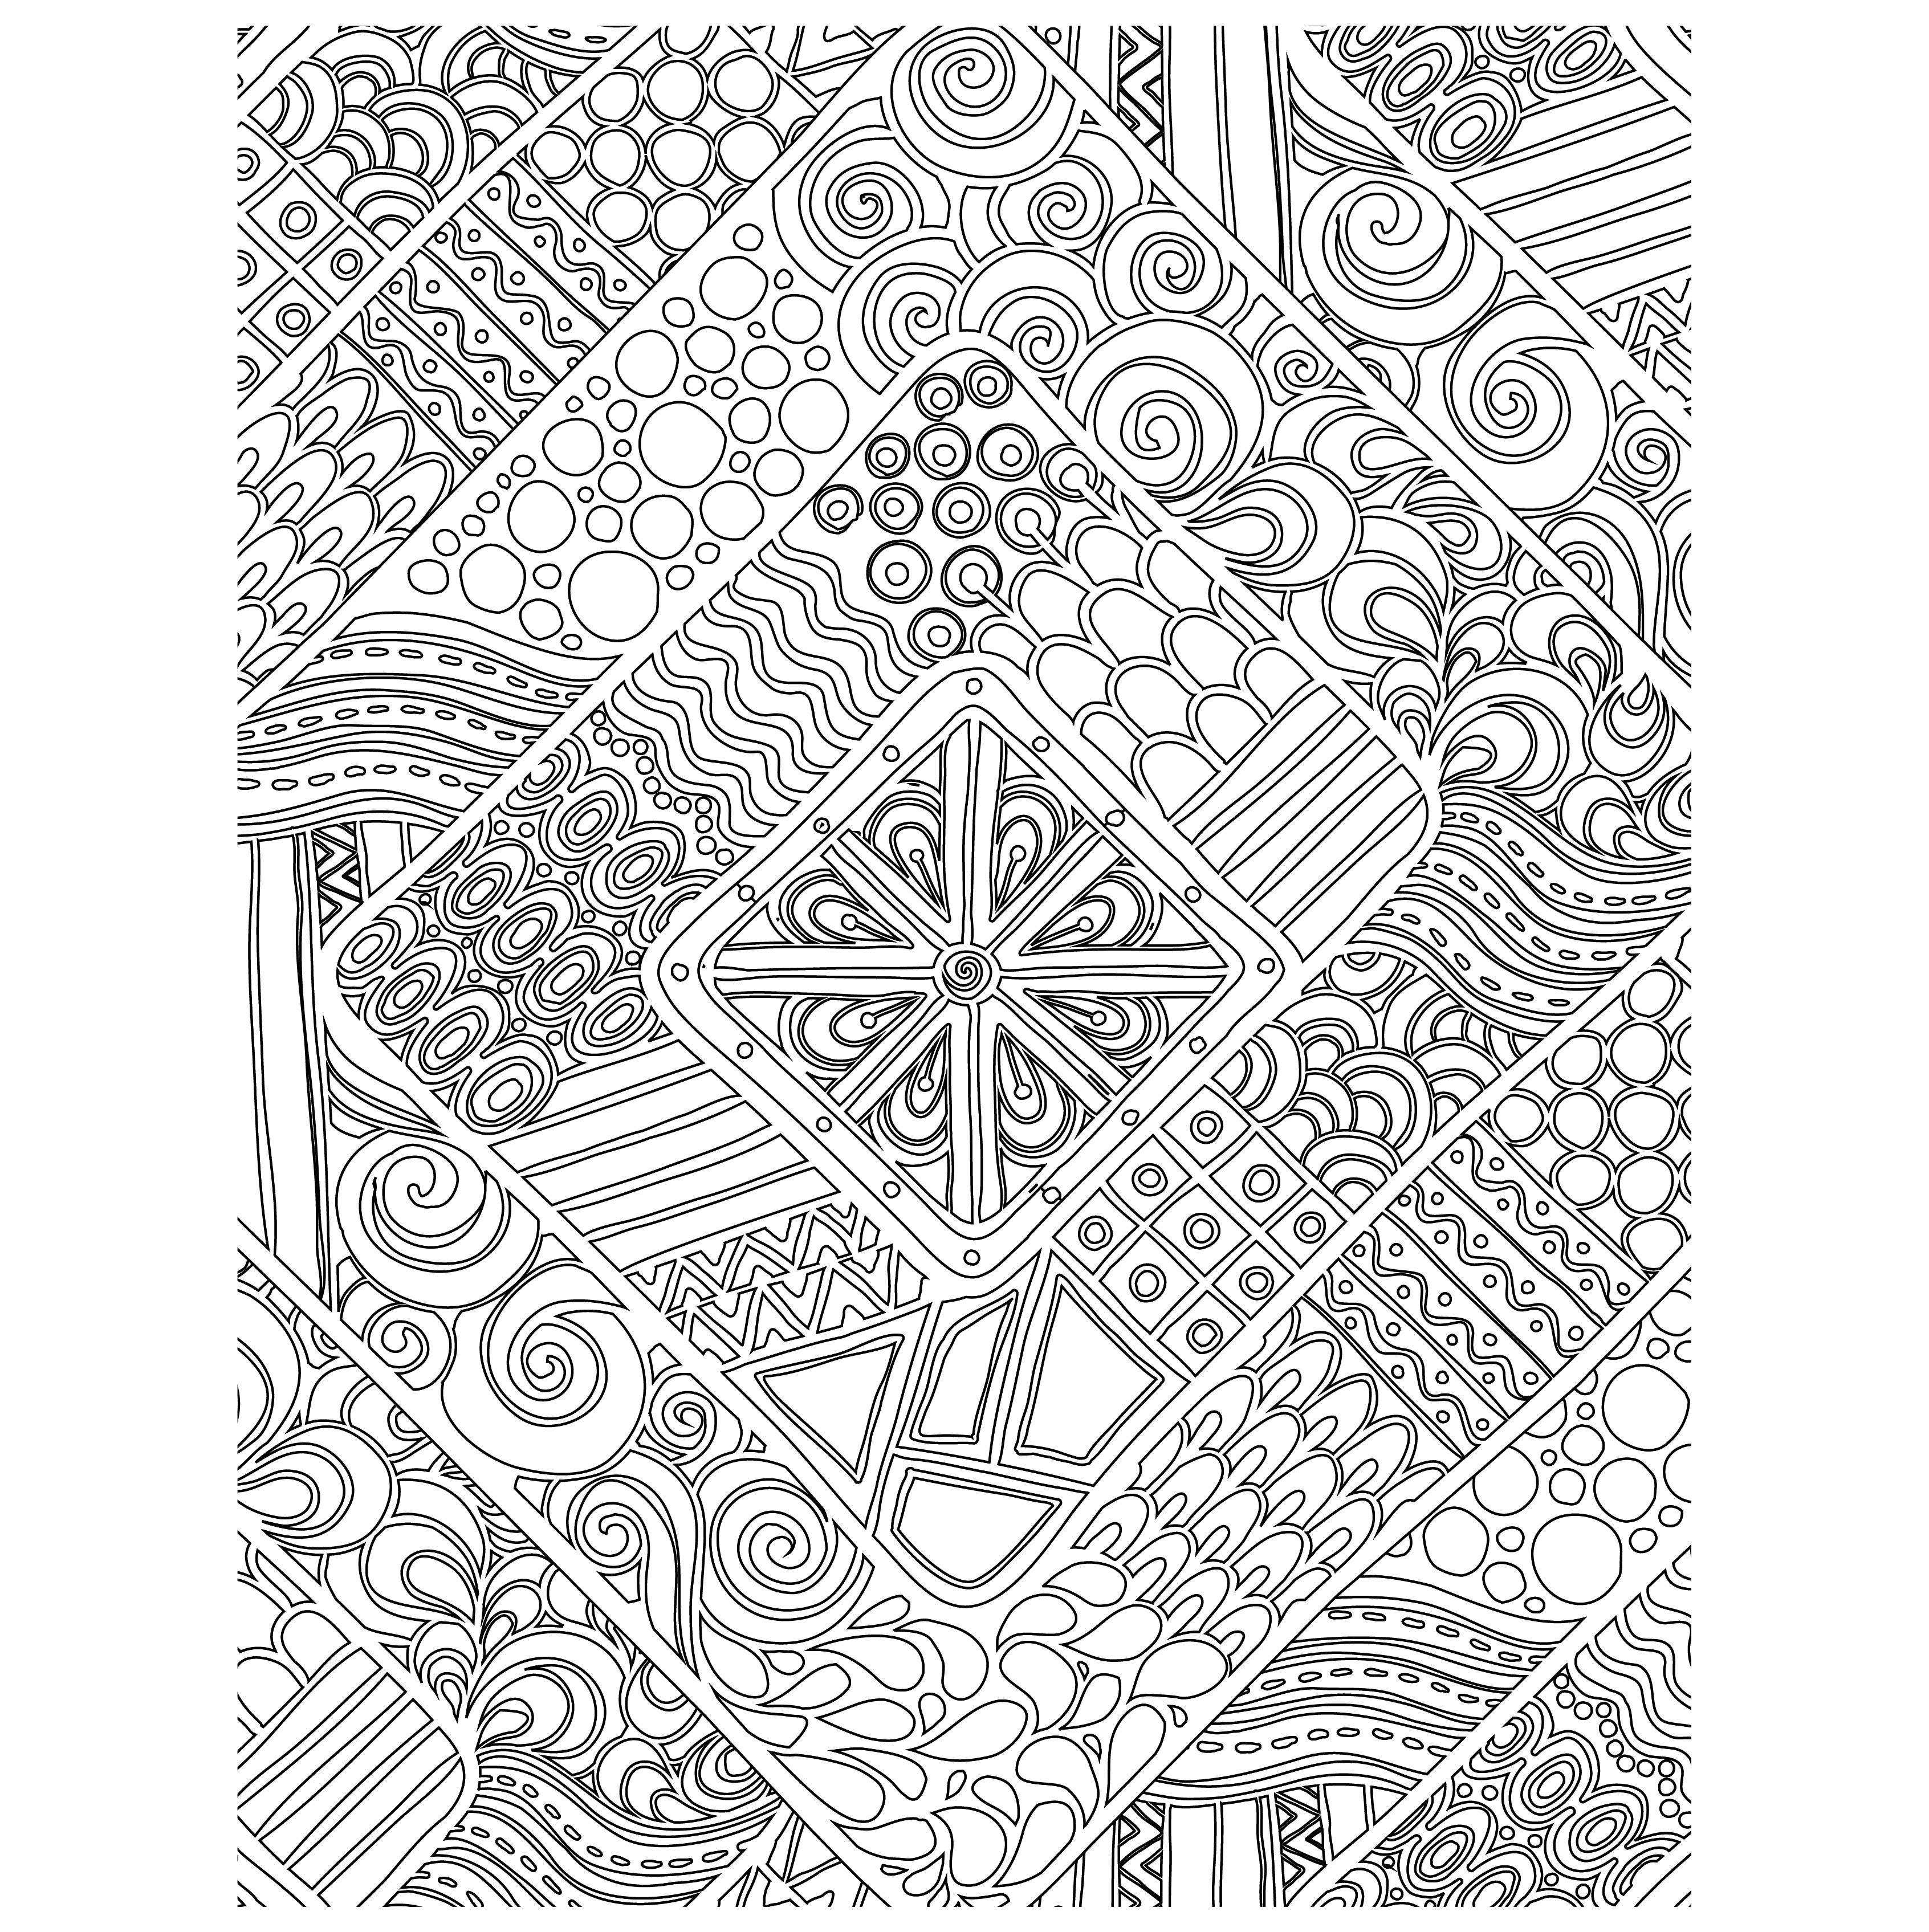 Coloriage Gratuit Doodle G 233 Om 233 Trique Artherapie Ca